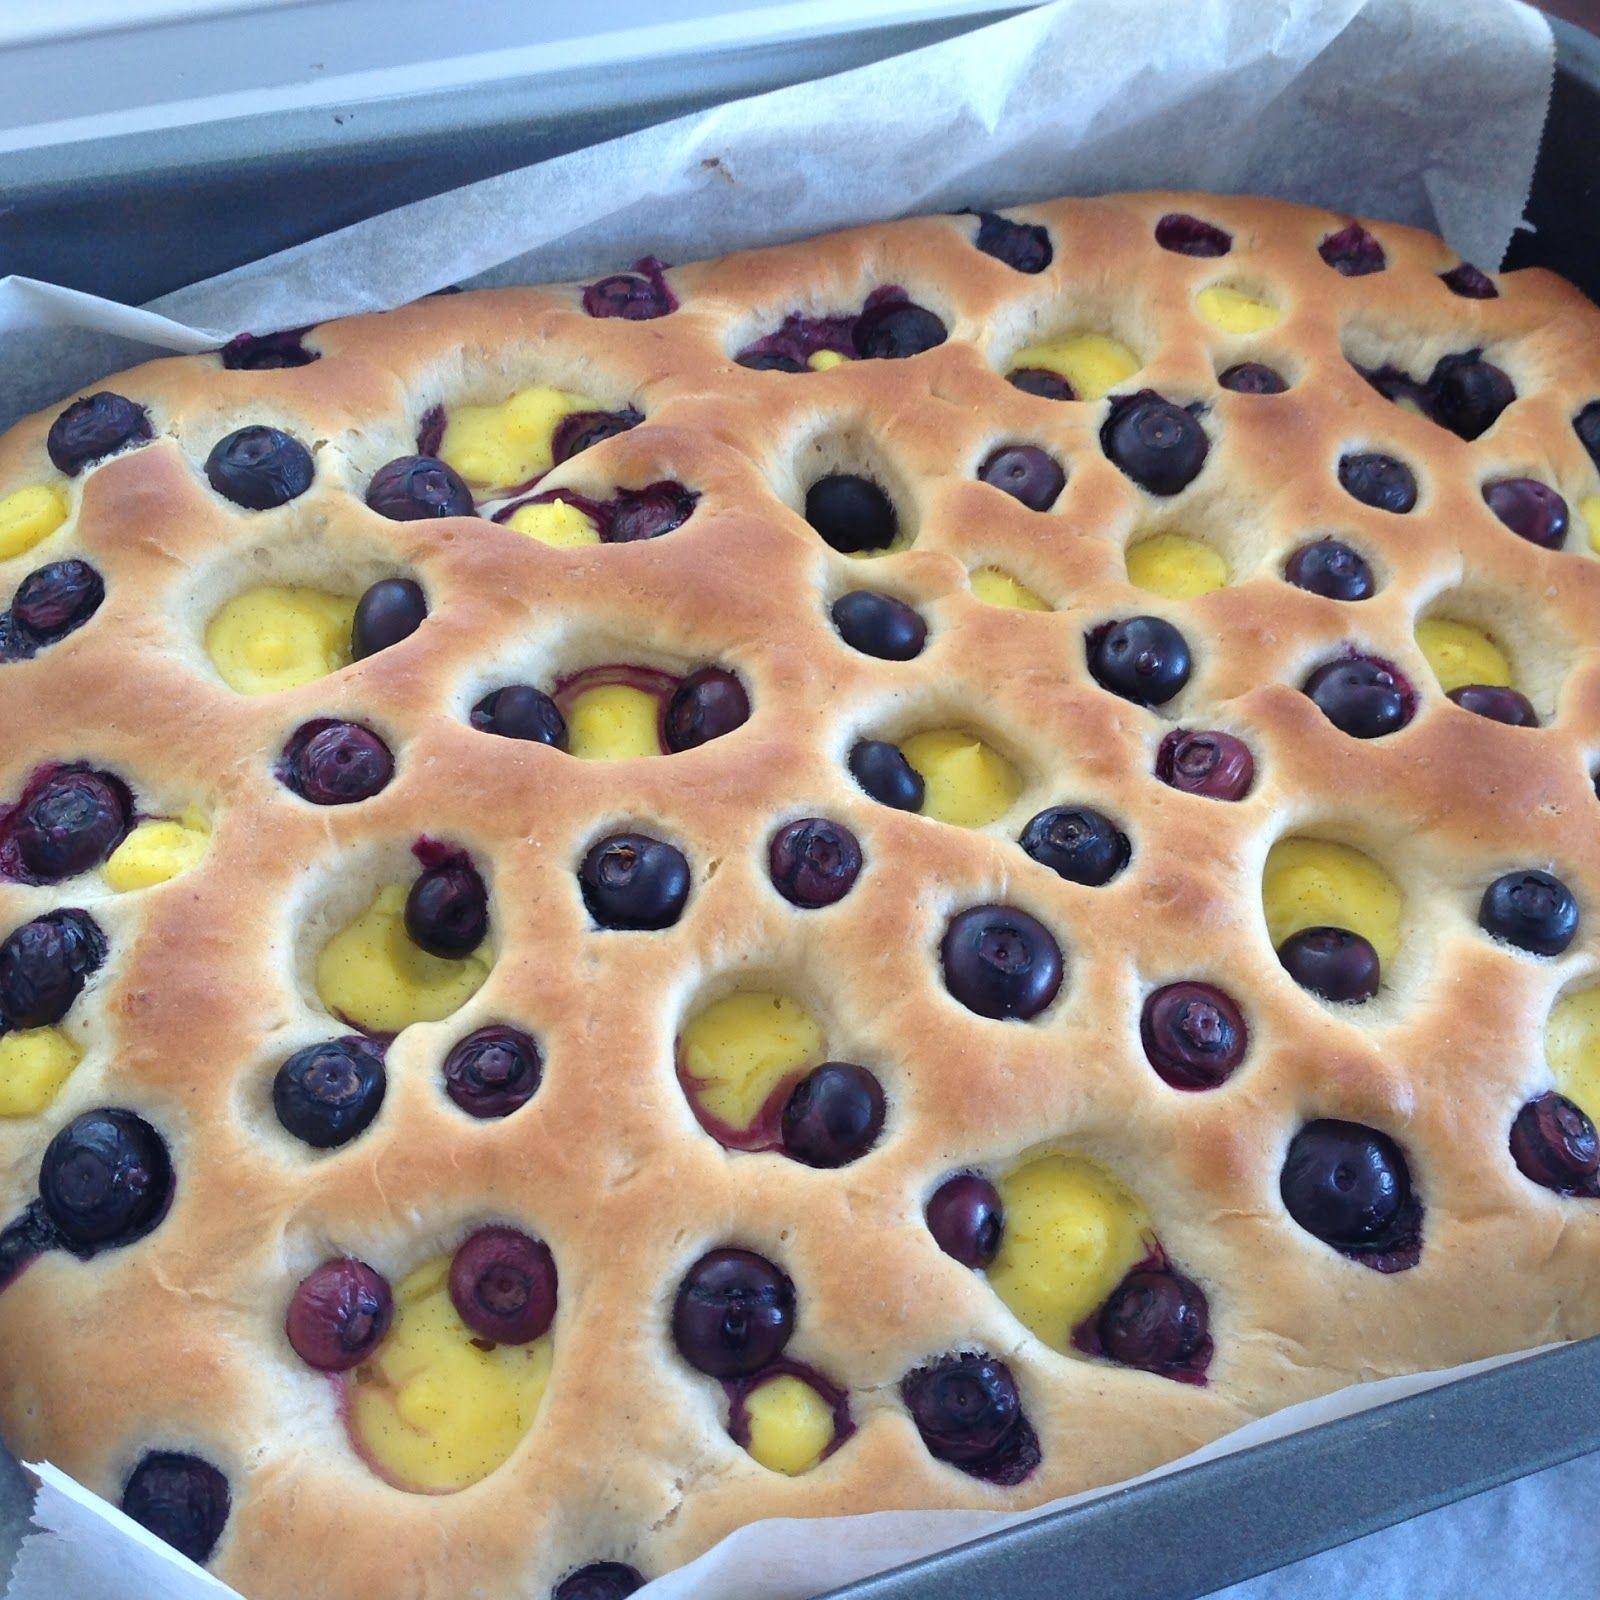 Kjøkkenglede: Bollefocaccia med vaniljekrem og blåbær